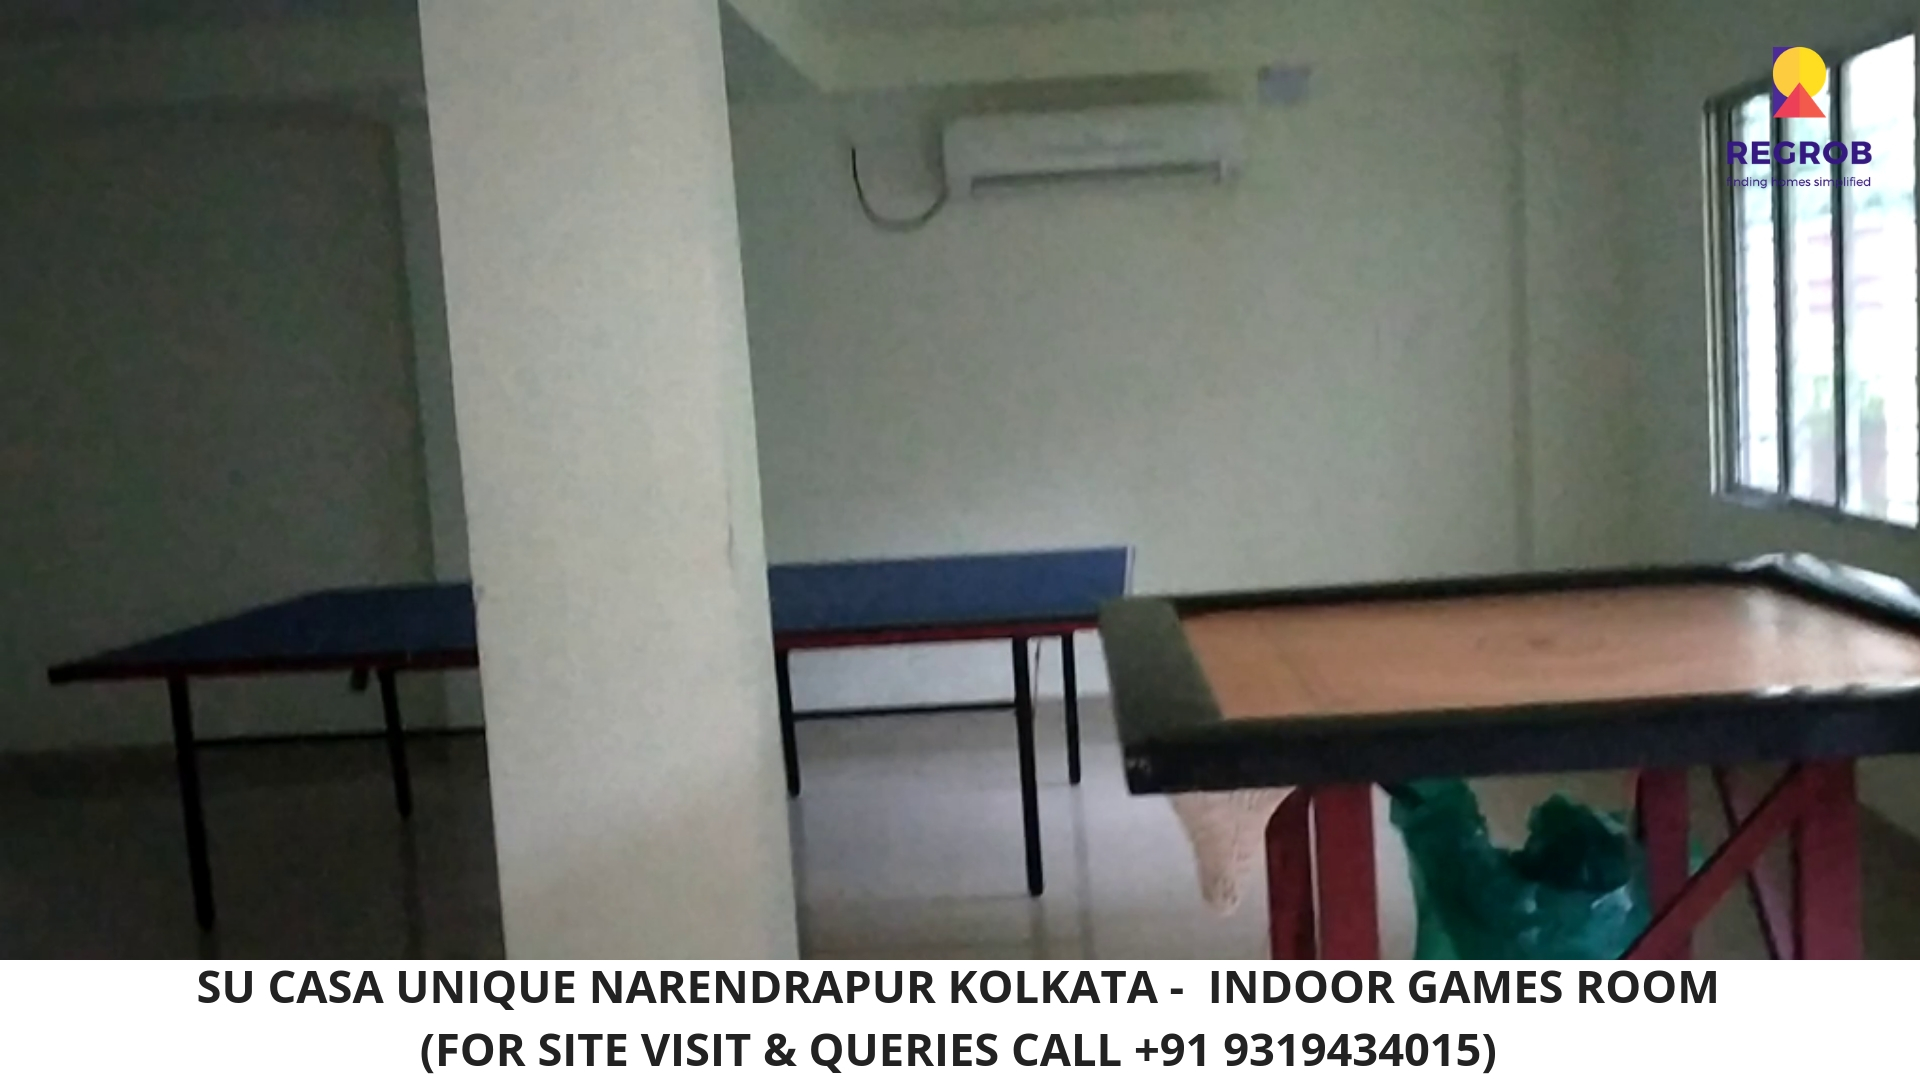 Su Casa Unique Narendrapur Kolkata